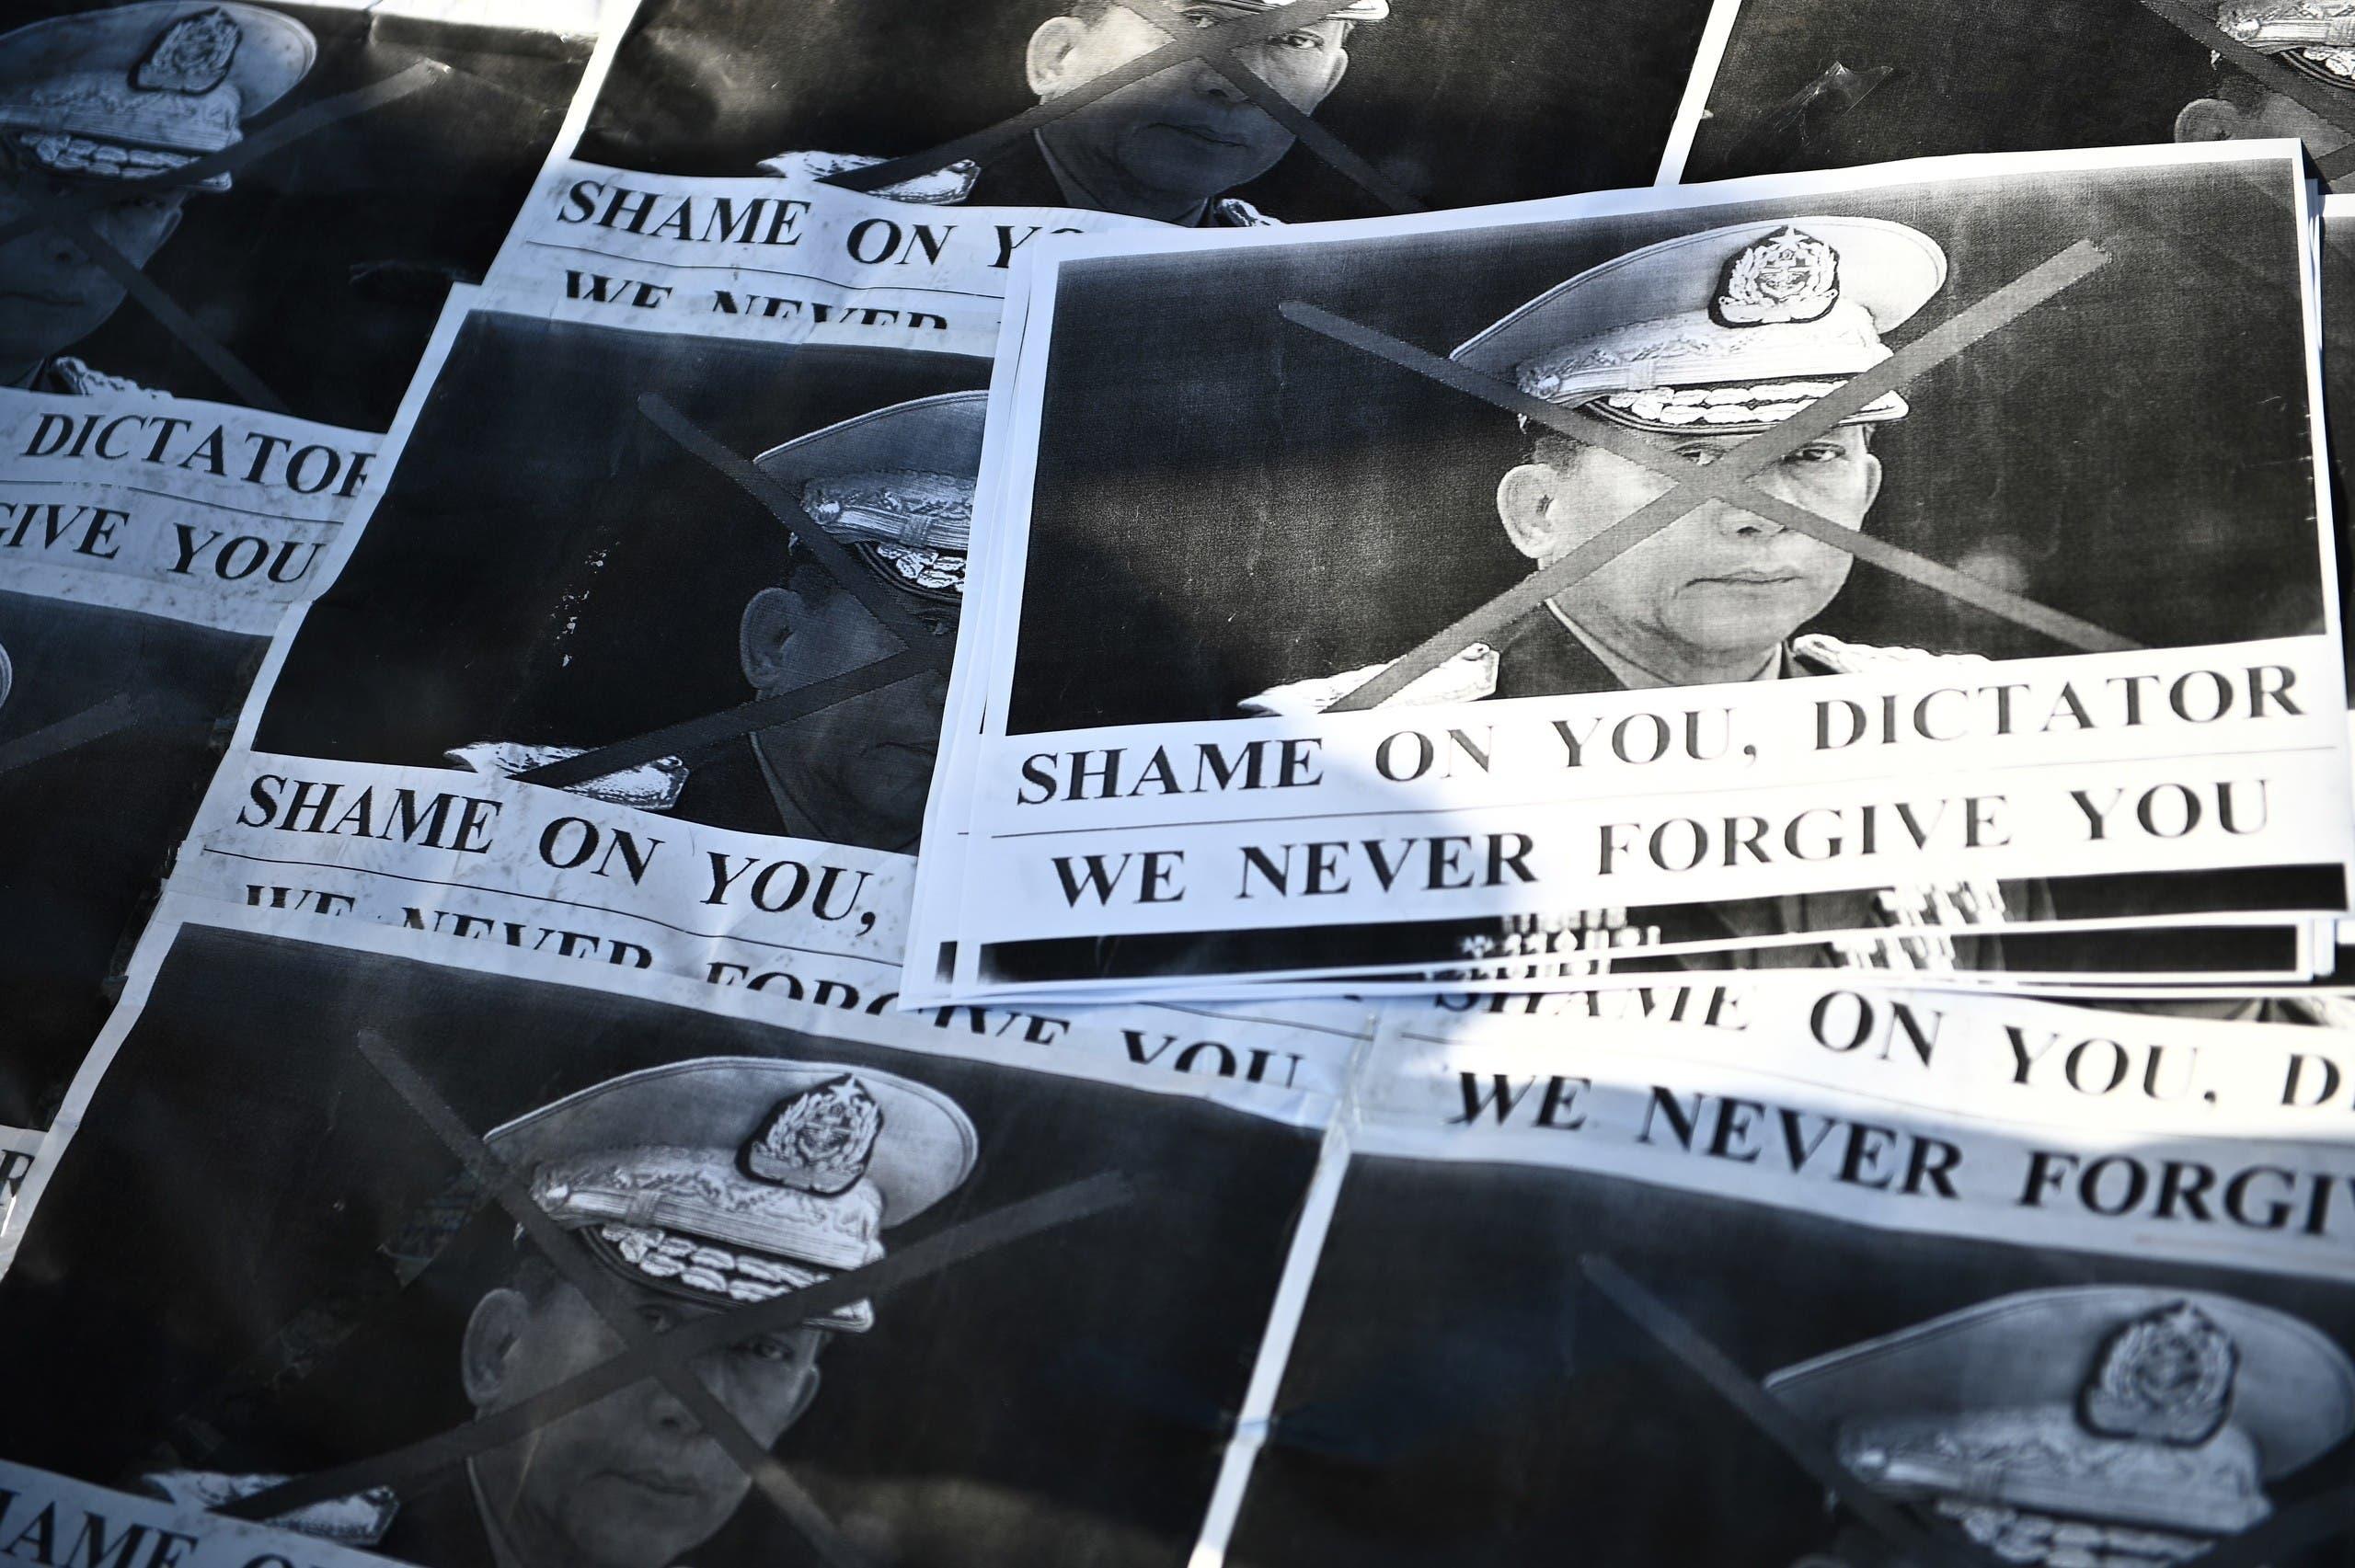 عکس رئیس ارتش میانمار مین اونگ هلاینگ (رویترز)